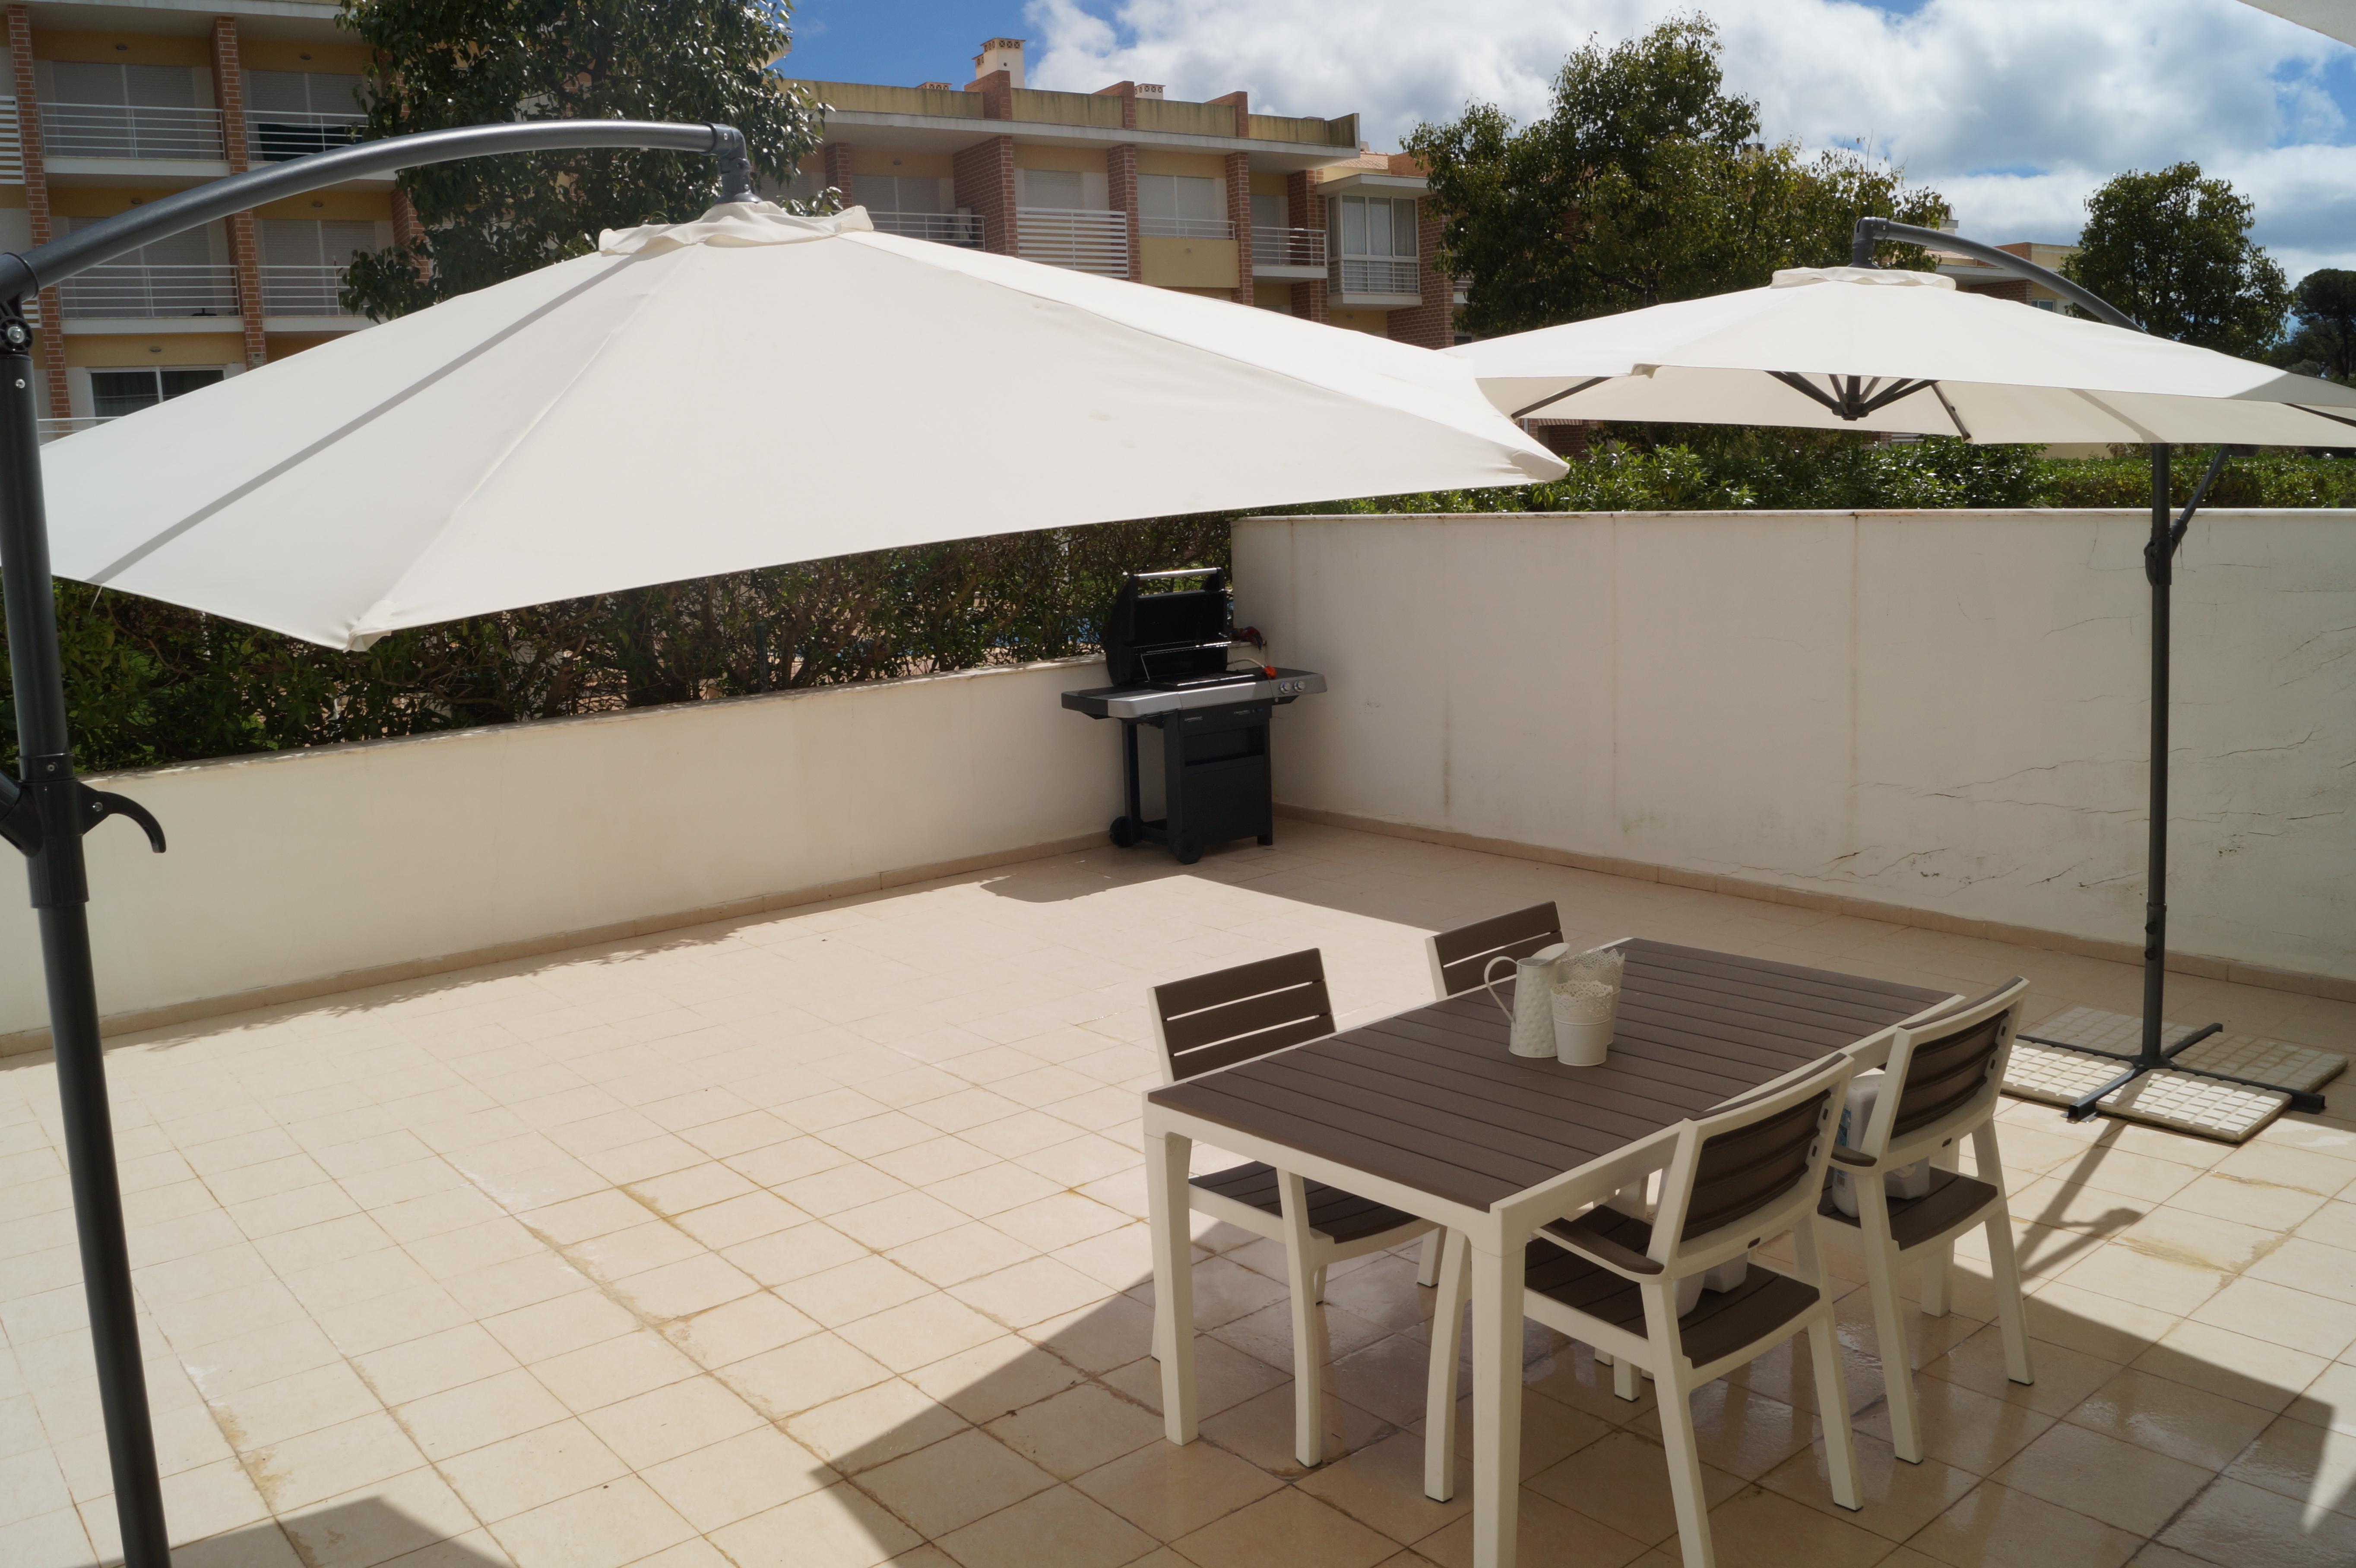 Location appartements et villas de vacance, Condominio Partilha Sol, Alvor, Portimao à Alvor, Portugal Algarve, REF_IMG_4403_4405